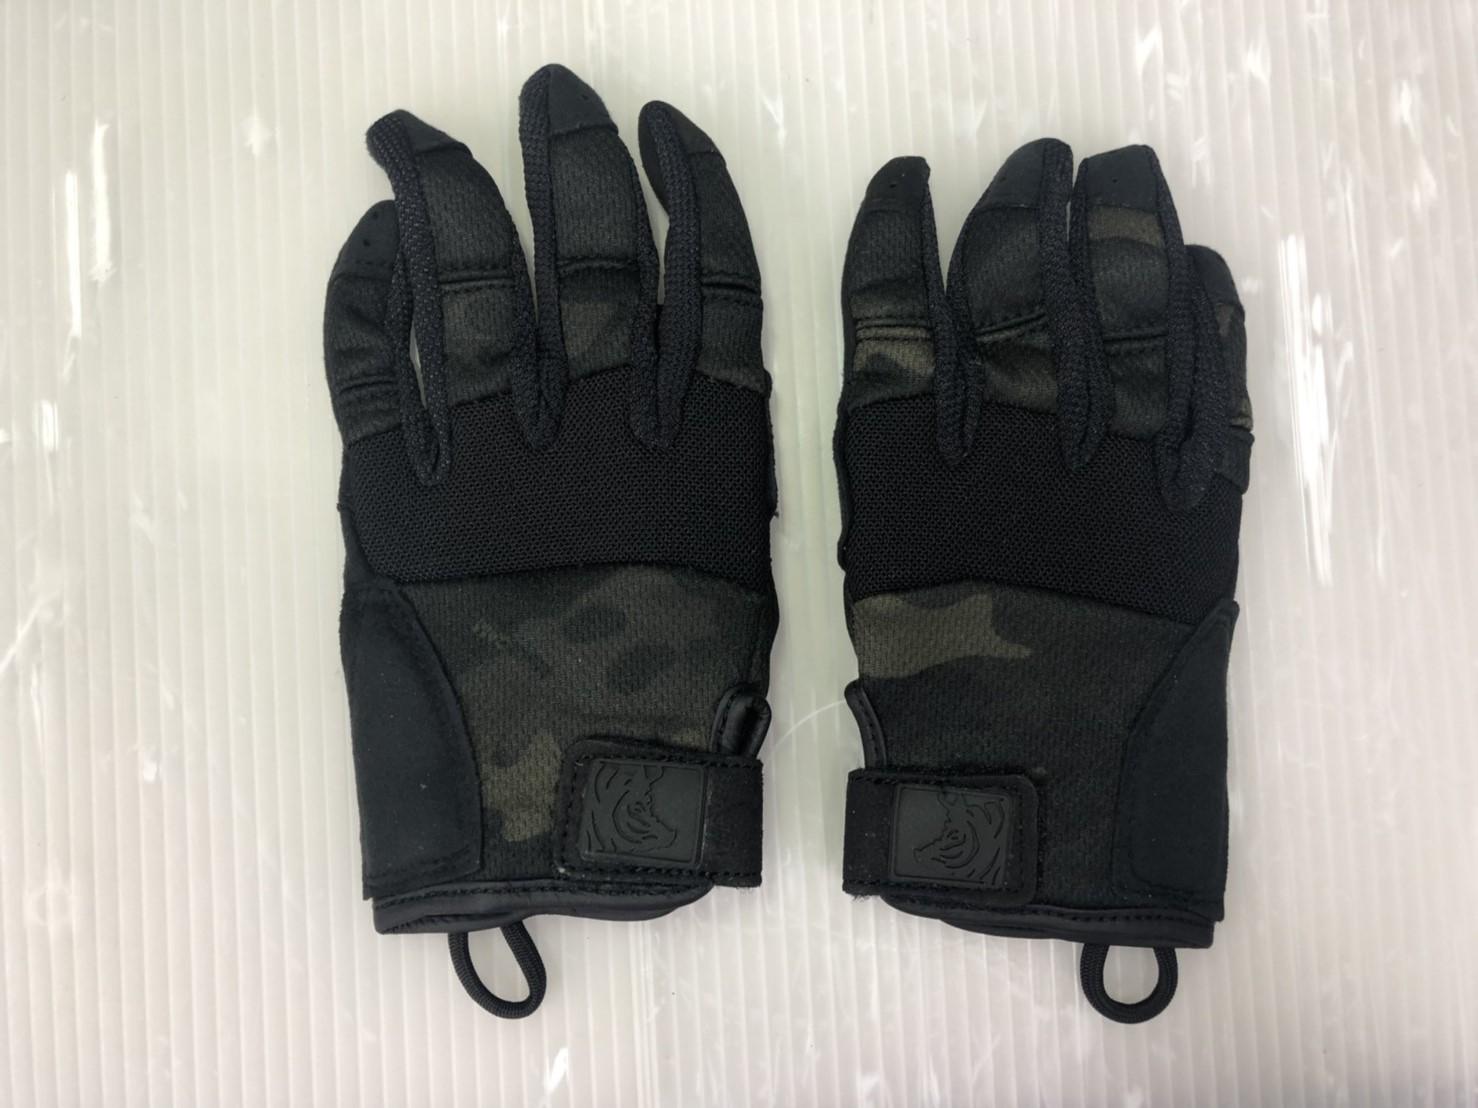 ポスト投函商品 PIG 装備品 レディース Charlie Women's Glove MCBK Mサイズ タクティカルグローブ サバゲー サバイバルゲーム 服装